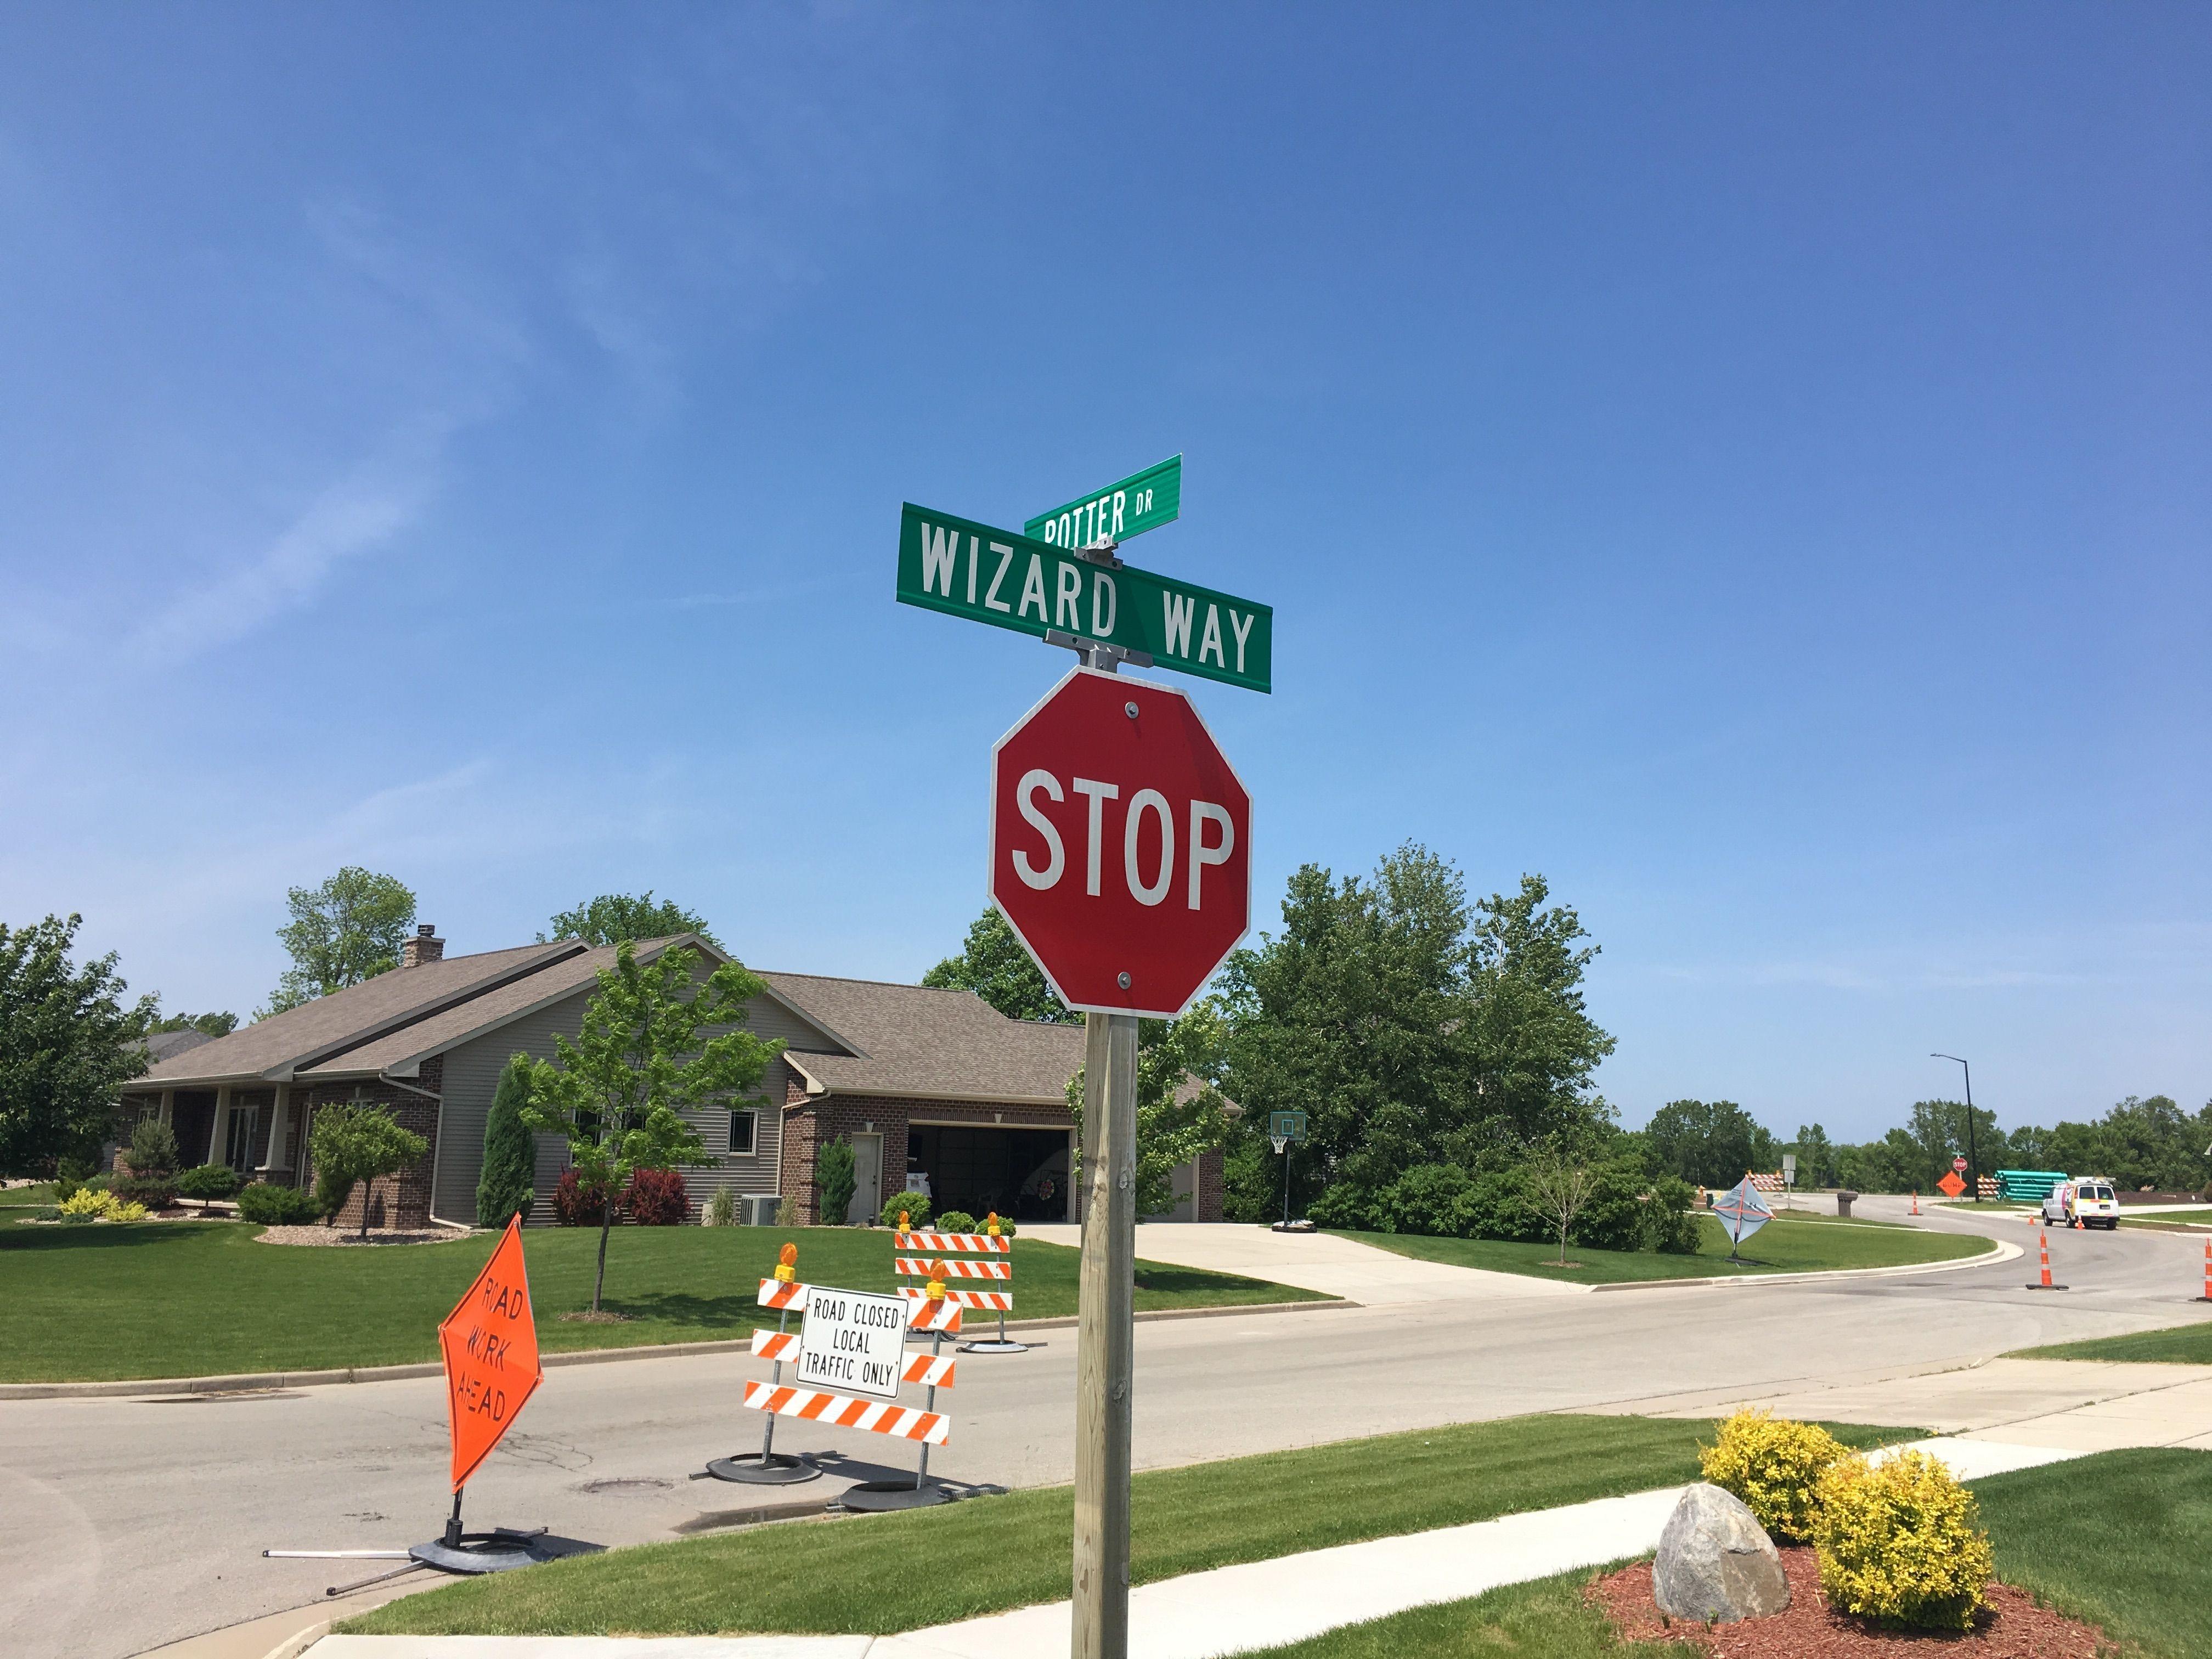 Neighborhood hookup